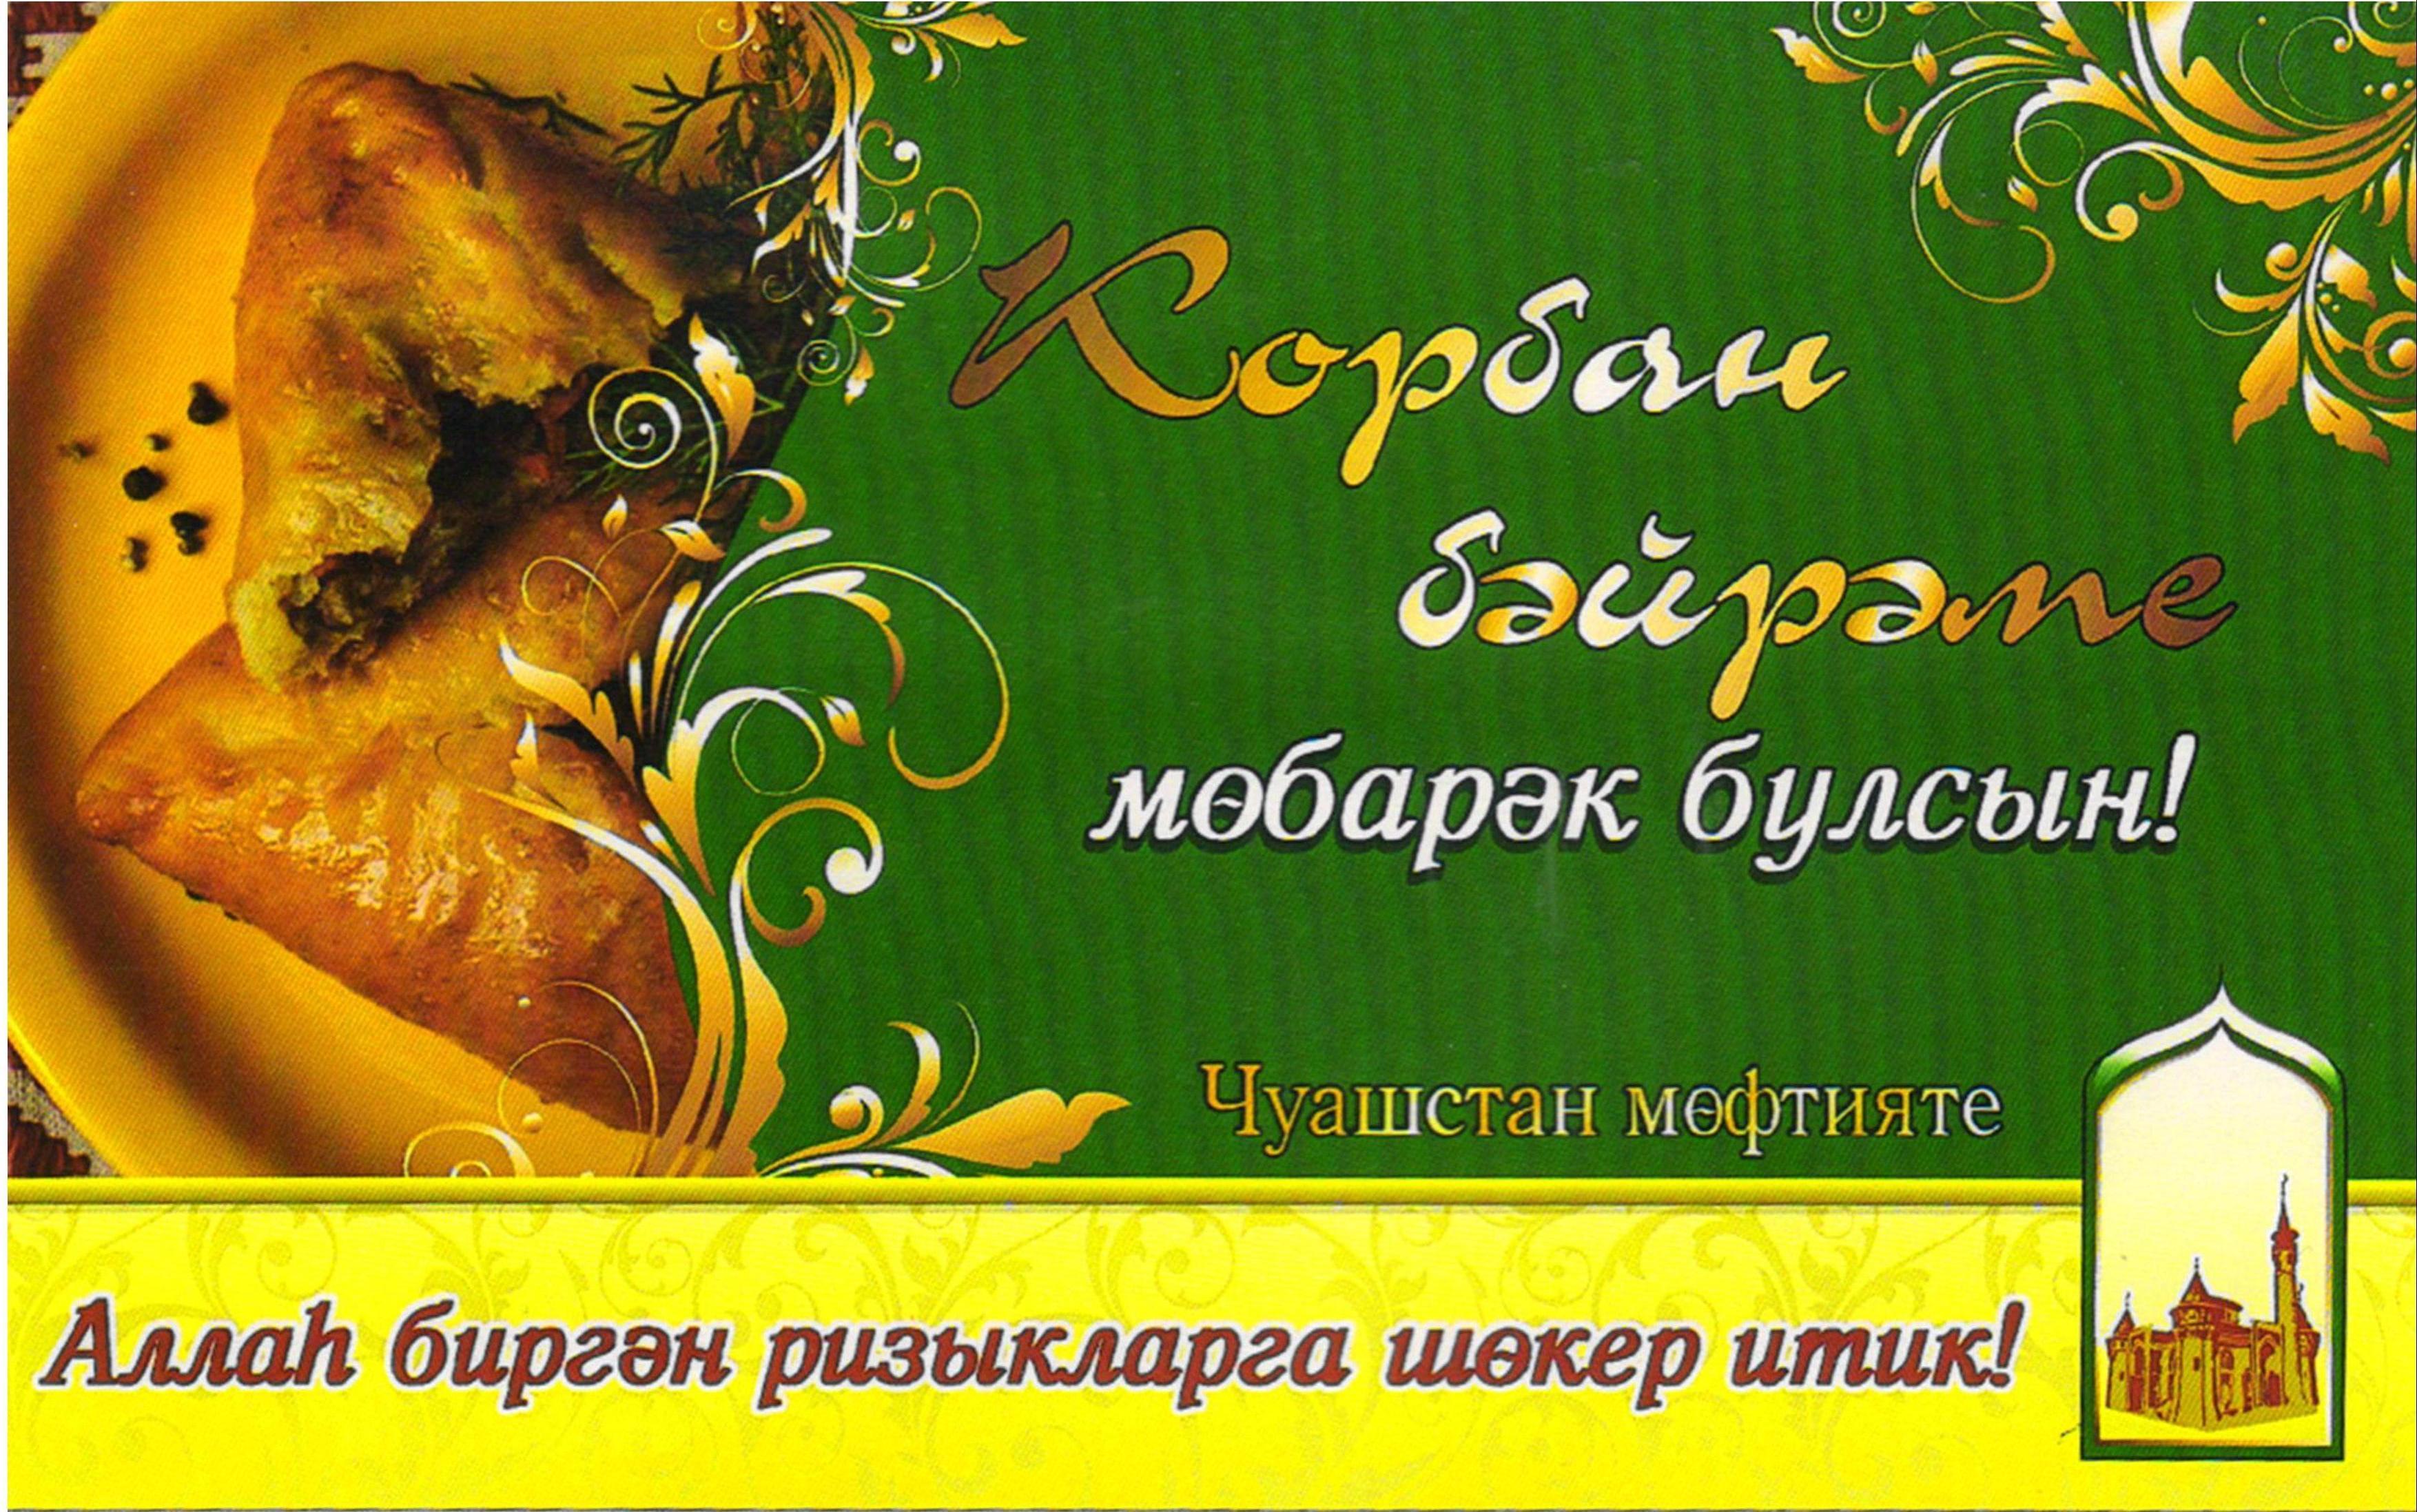 Картинки поздравления курбан байрам на татарском языке